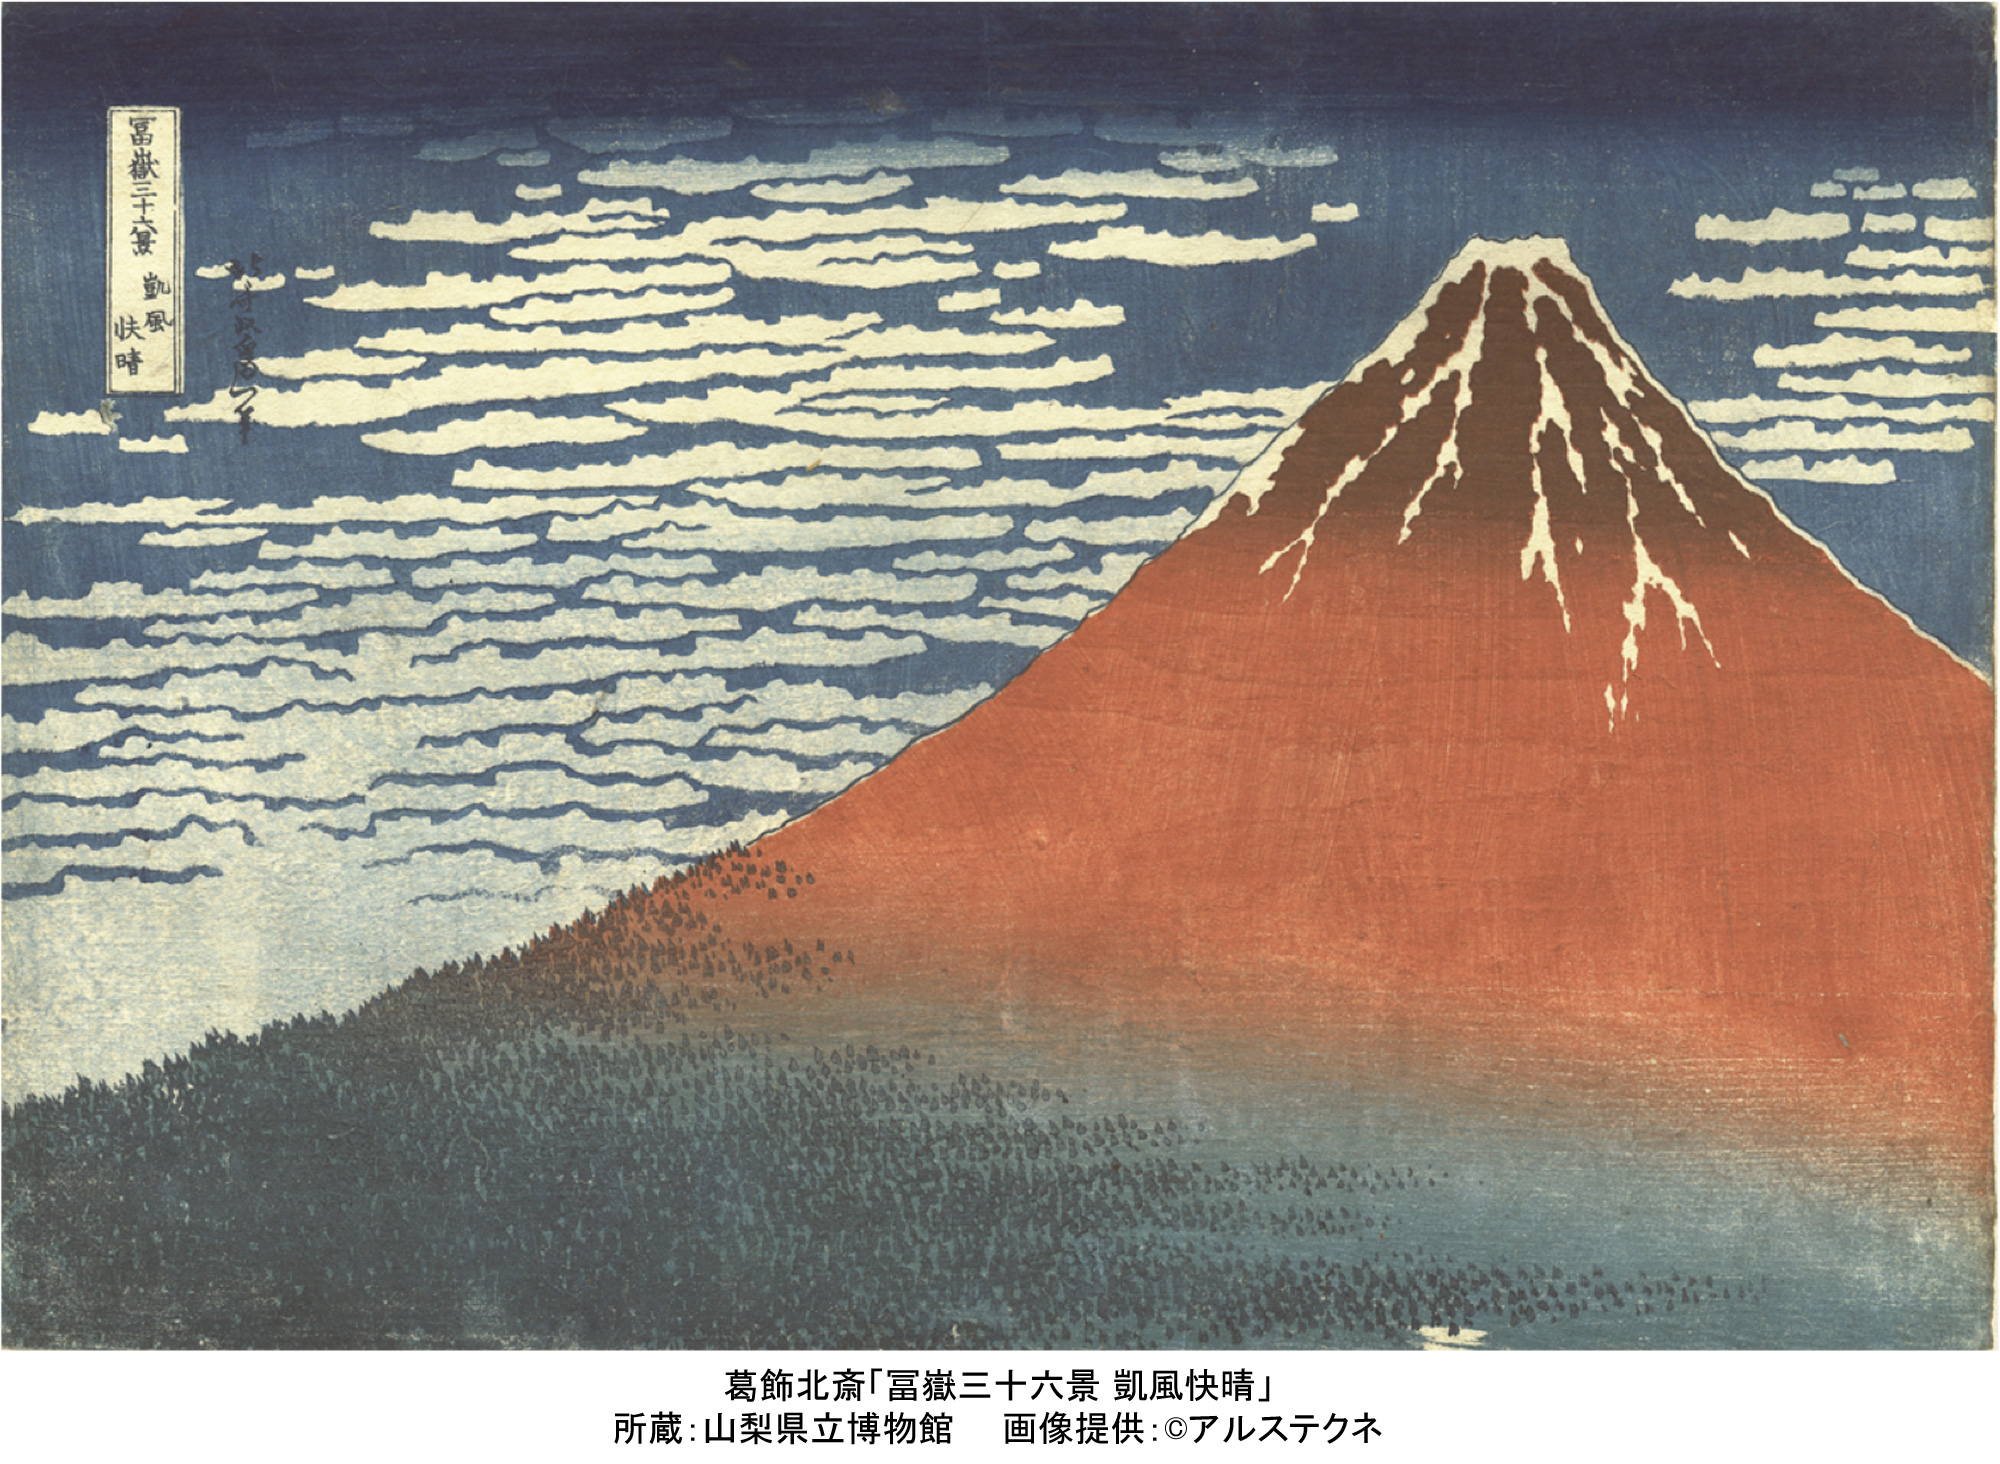 用巨大的影像逼近的北斋/广重/宗门等/光琳~浮世绘和贴金围屏的世界~